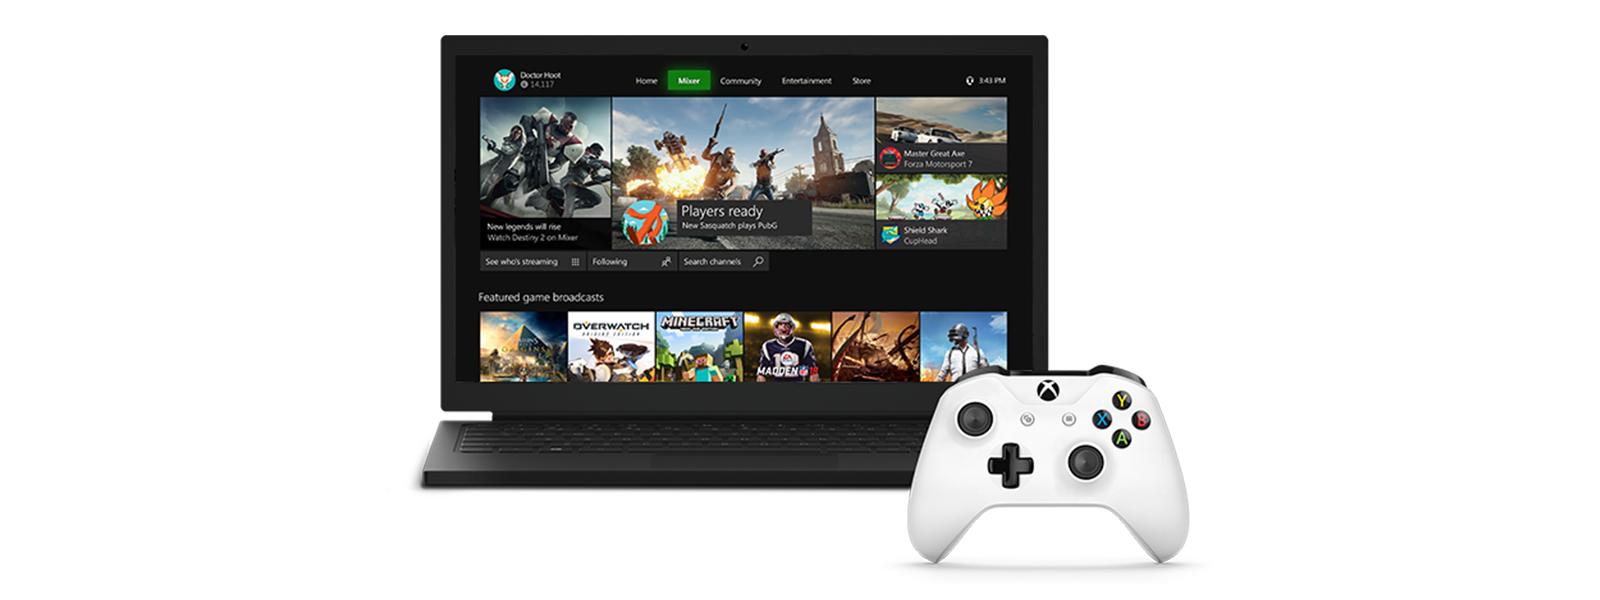 Nueva interfaz de Mixer para los juegos en Windows 10